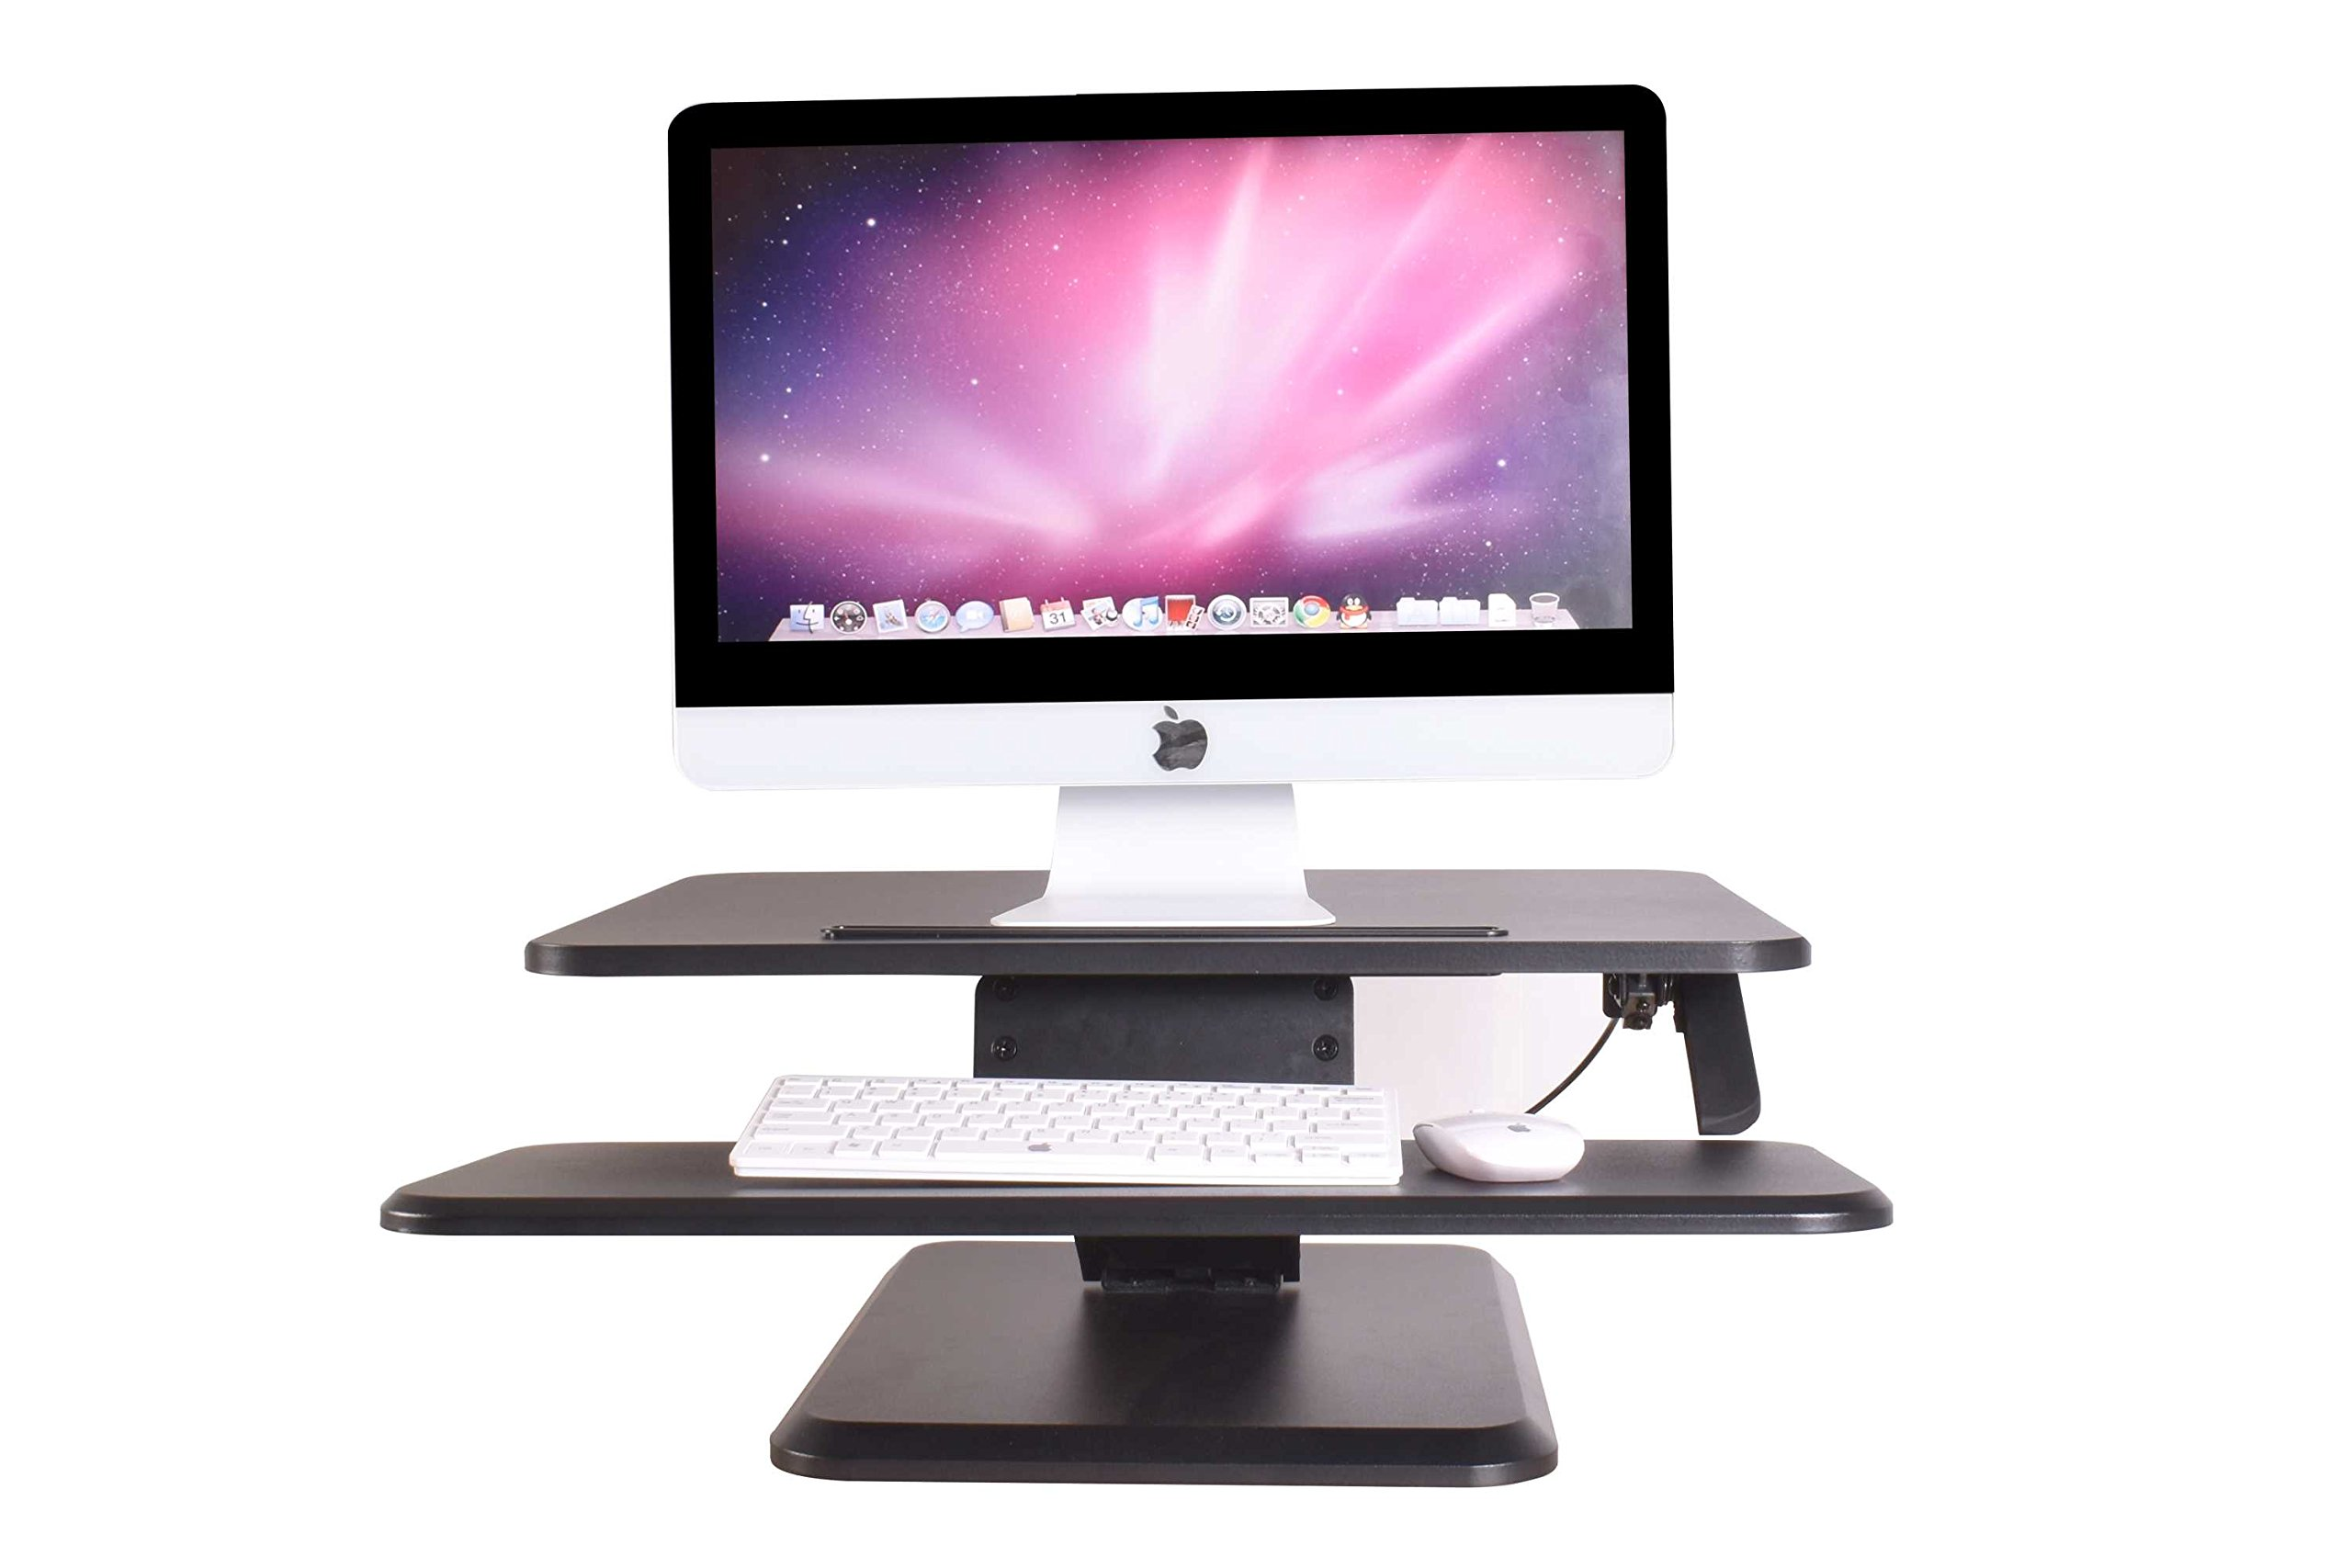 Zeal Desk Standing Desk ECO 25 Sit to Stand up Adjustable Desk Workstation Gas Spring Riser Converter for Desktop Laptop Dual Monitor ZD-SD05 (Black)